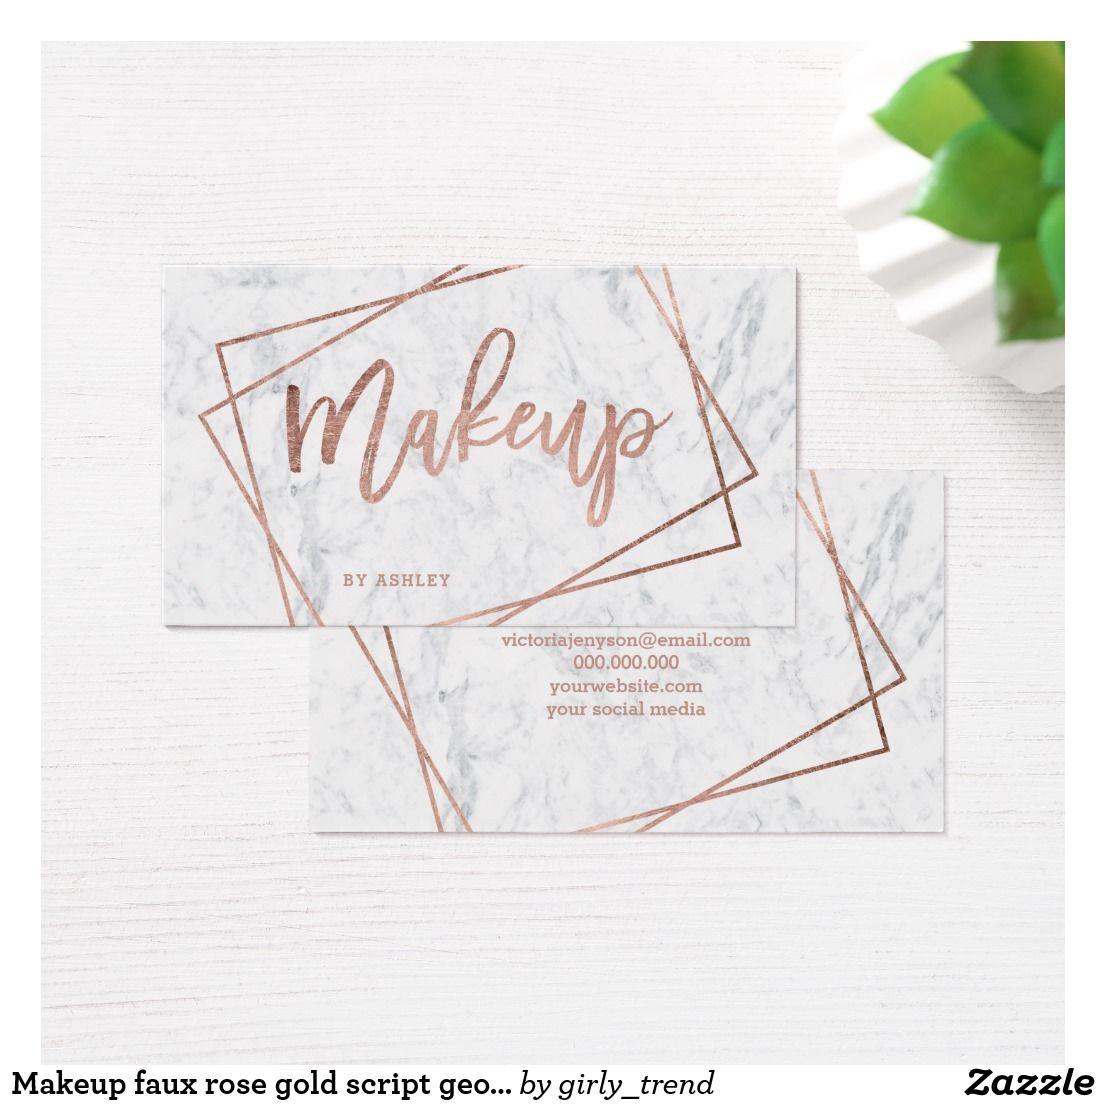 Makeup faux rose gold script geometric marble business card makeup faux rose gold script geometric marble business card reheart Choice Image